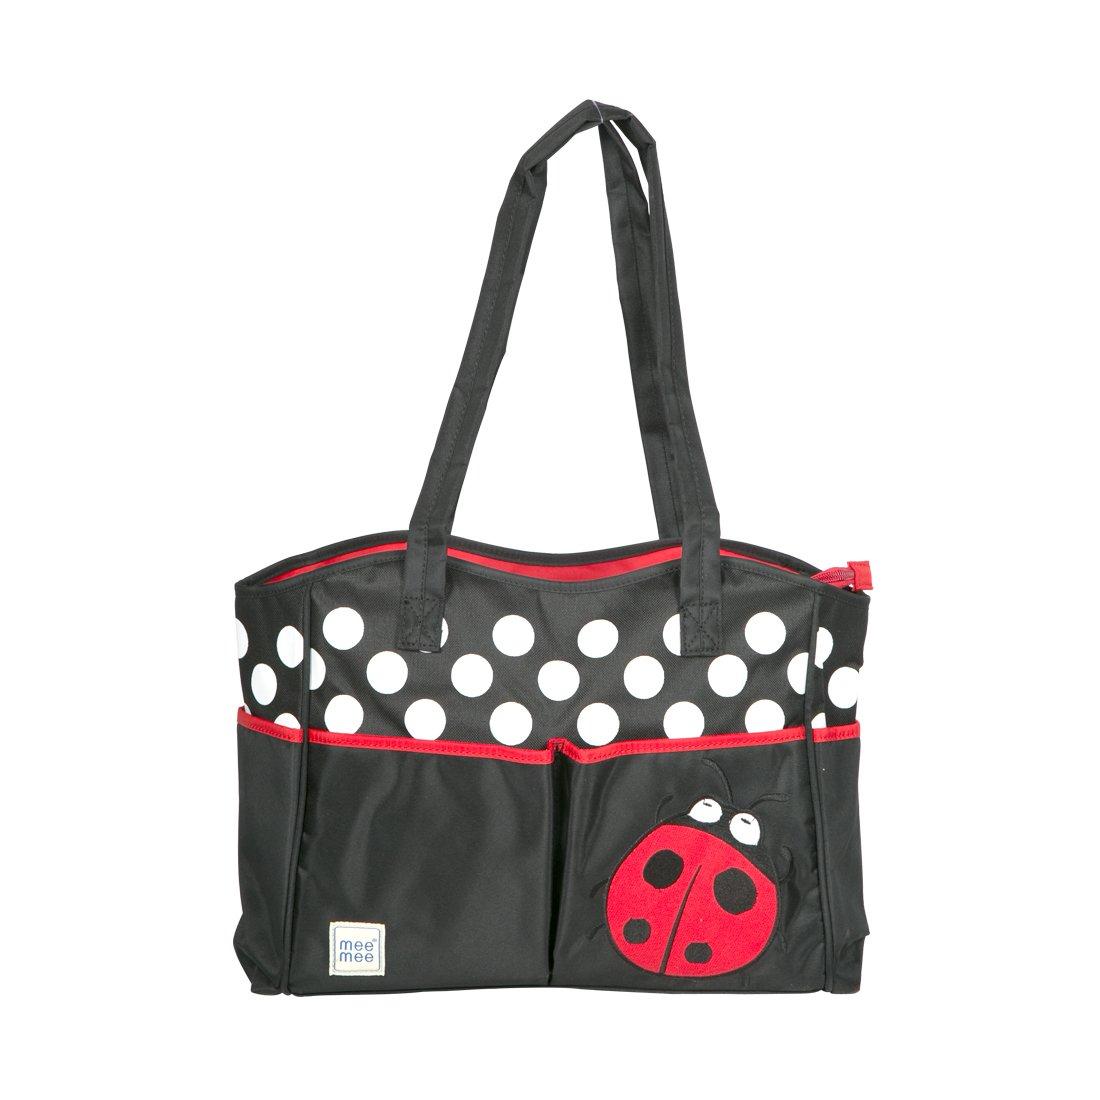 Mee Mee Multi Functional Nursery Bag  Red  Diaper Bags